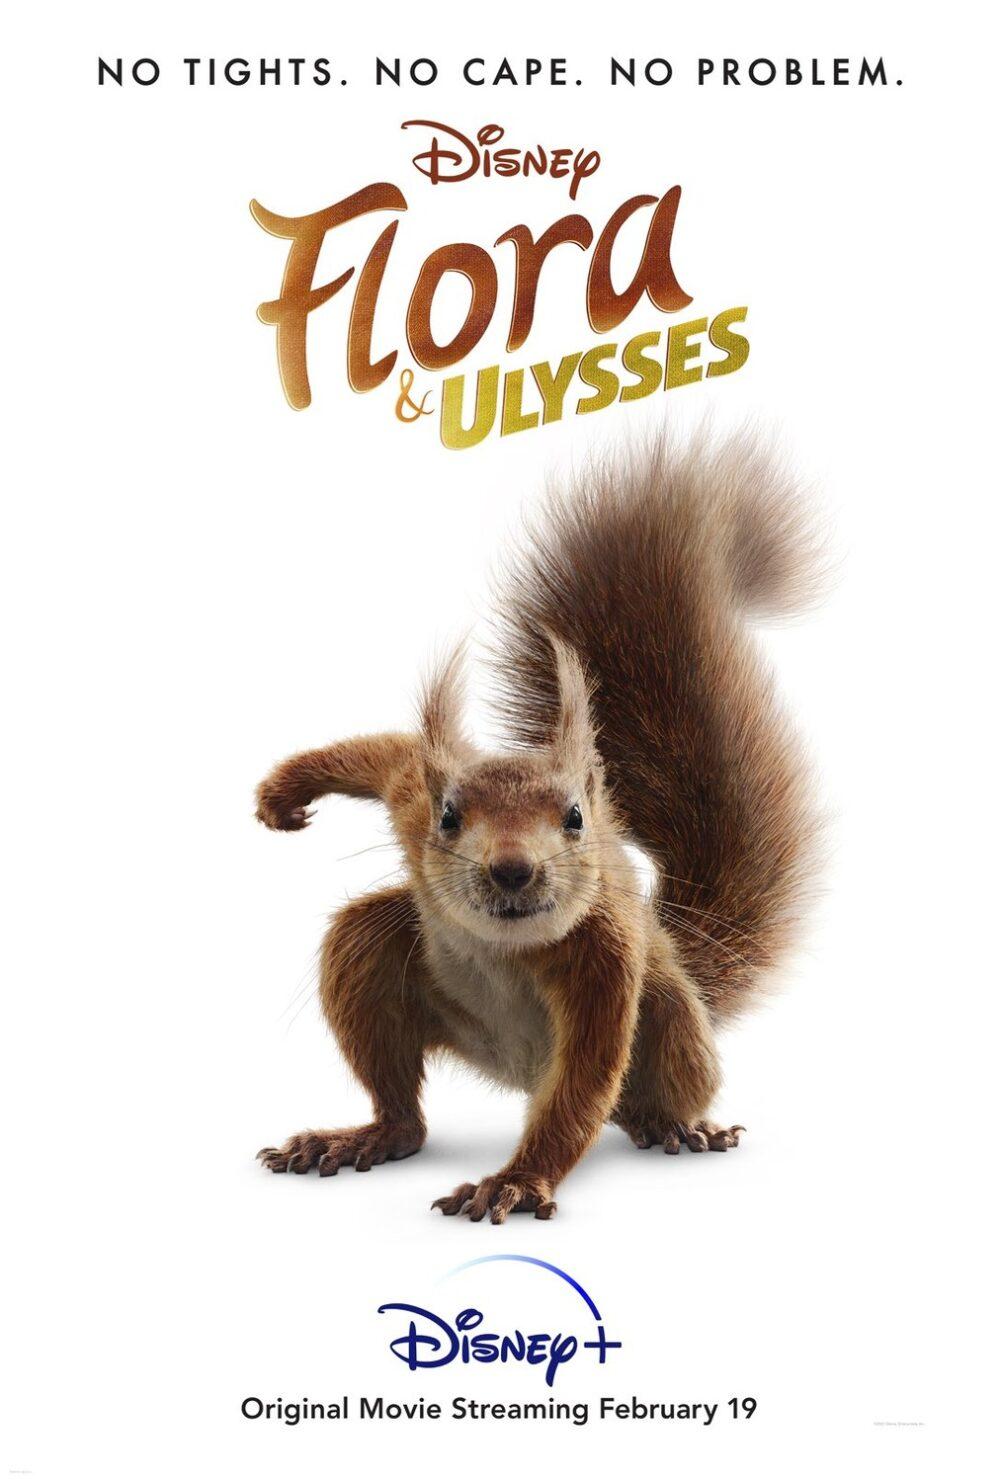 flora-amp-ulisse-trailer-italiano-della-commedia-per-famiglie-di-disney-plus